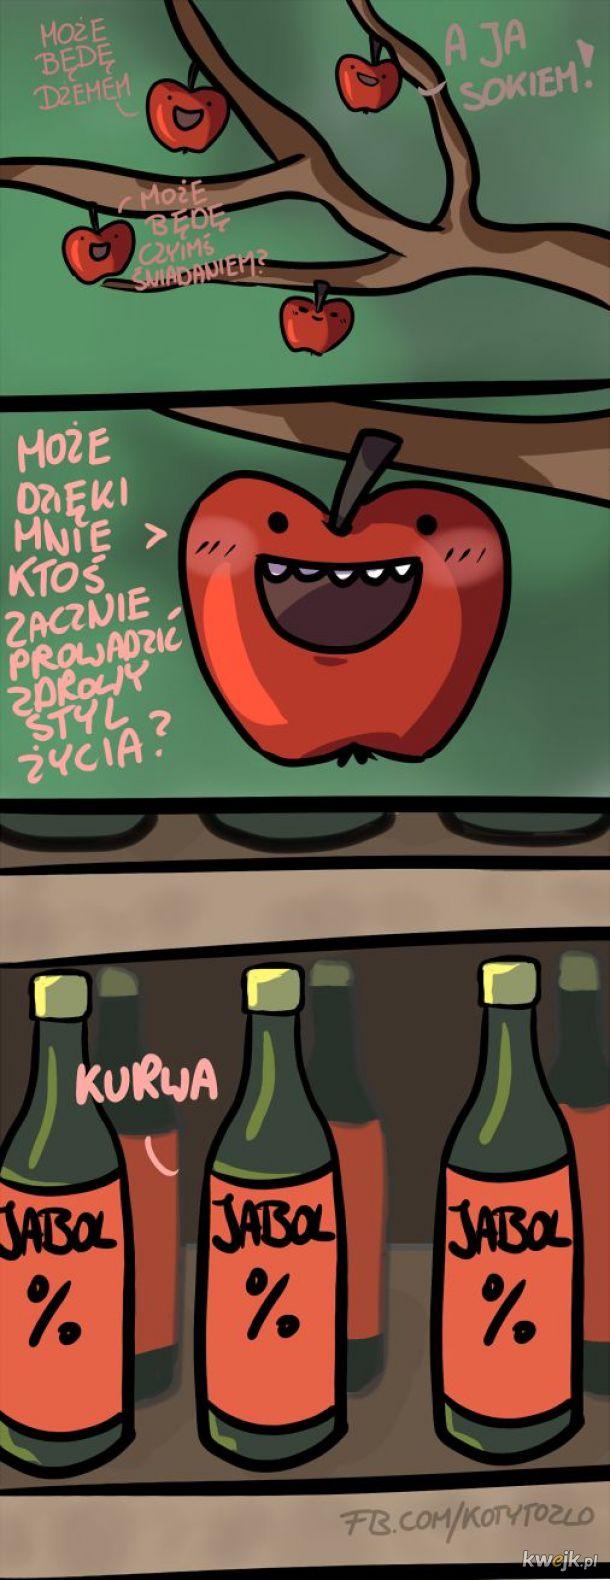 Krótka opowieść o jabłkach